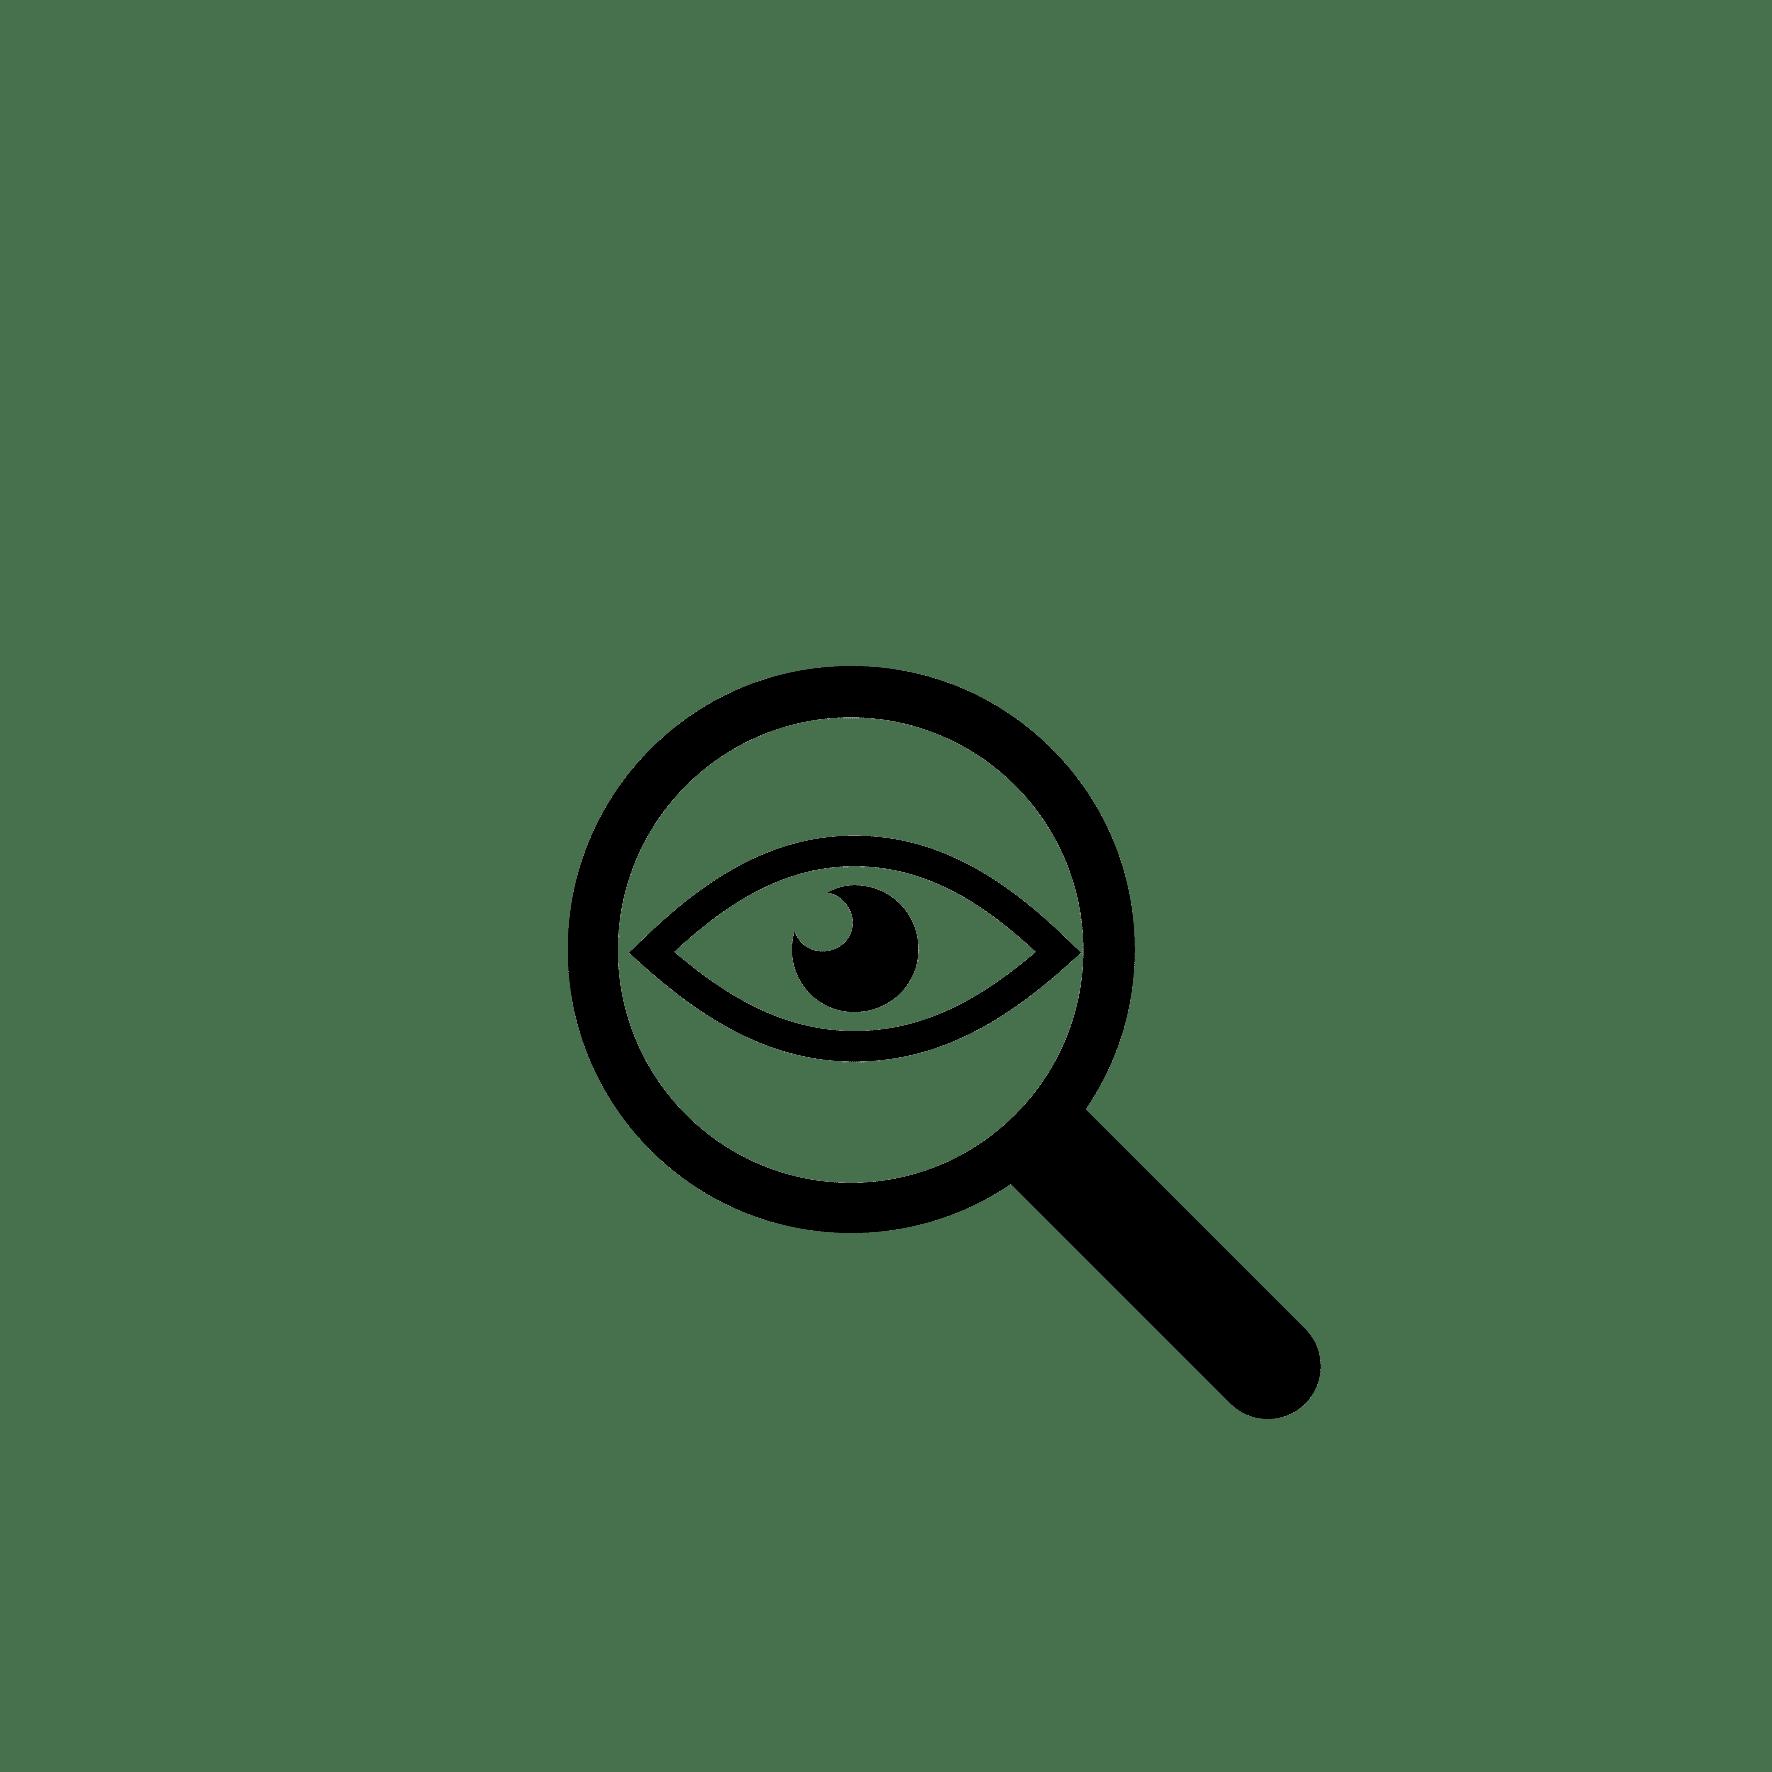 Analyse ikon